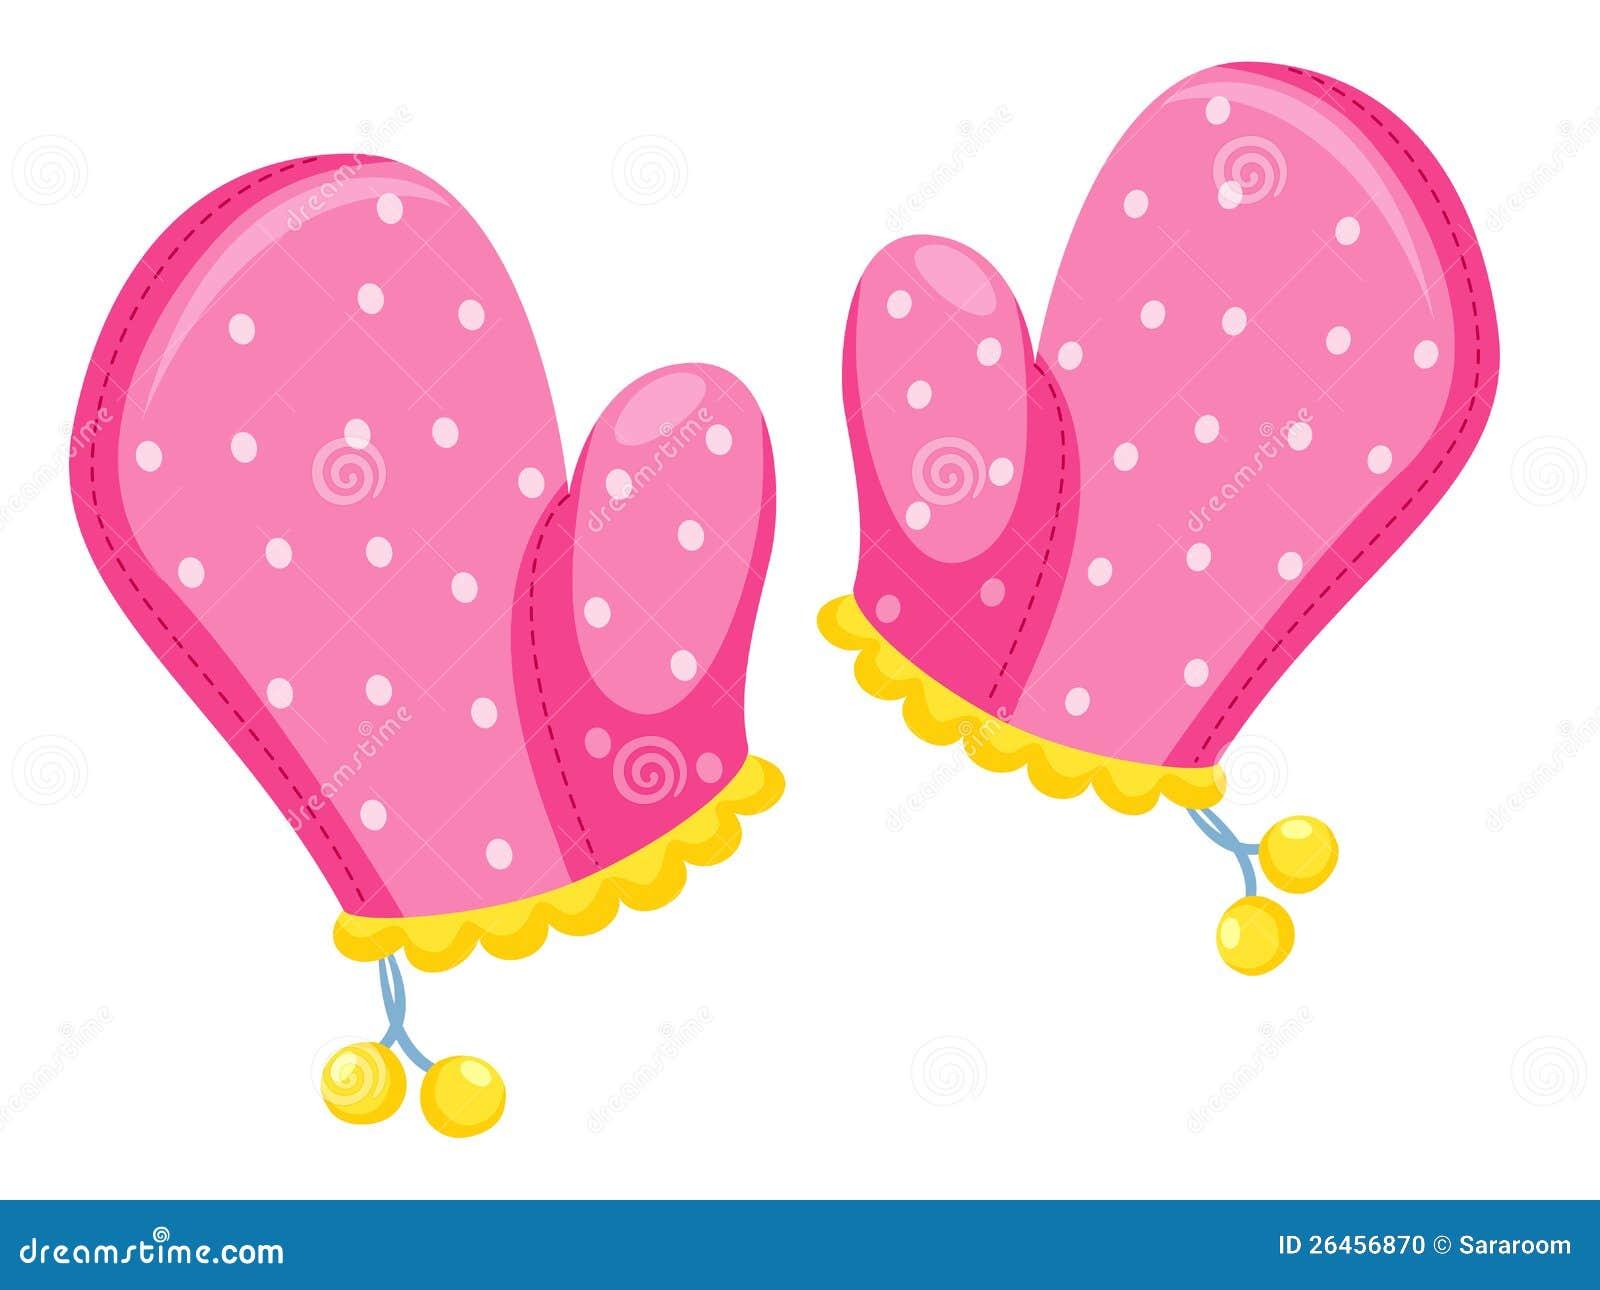 Kitchen Gloves Illustration Stock Photo Image 26456870